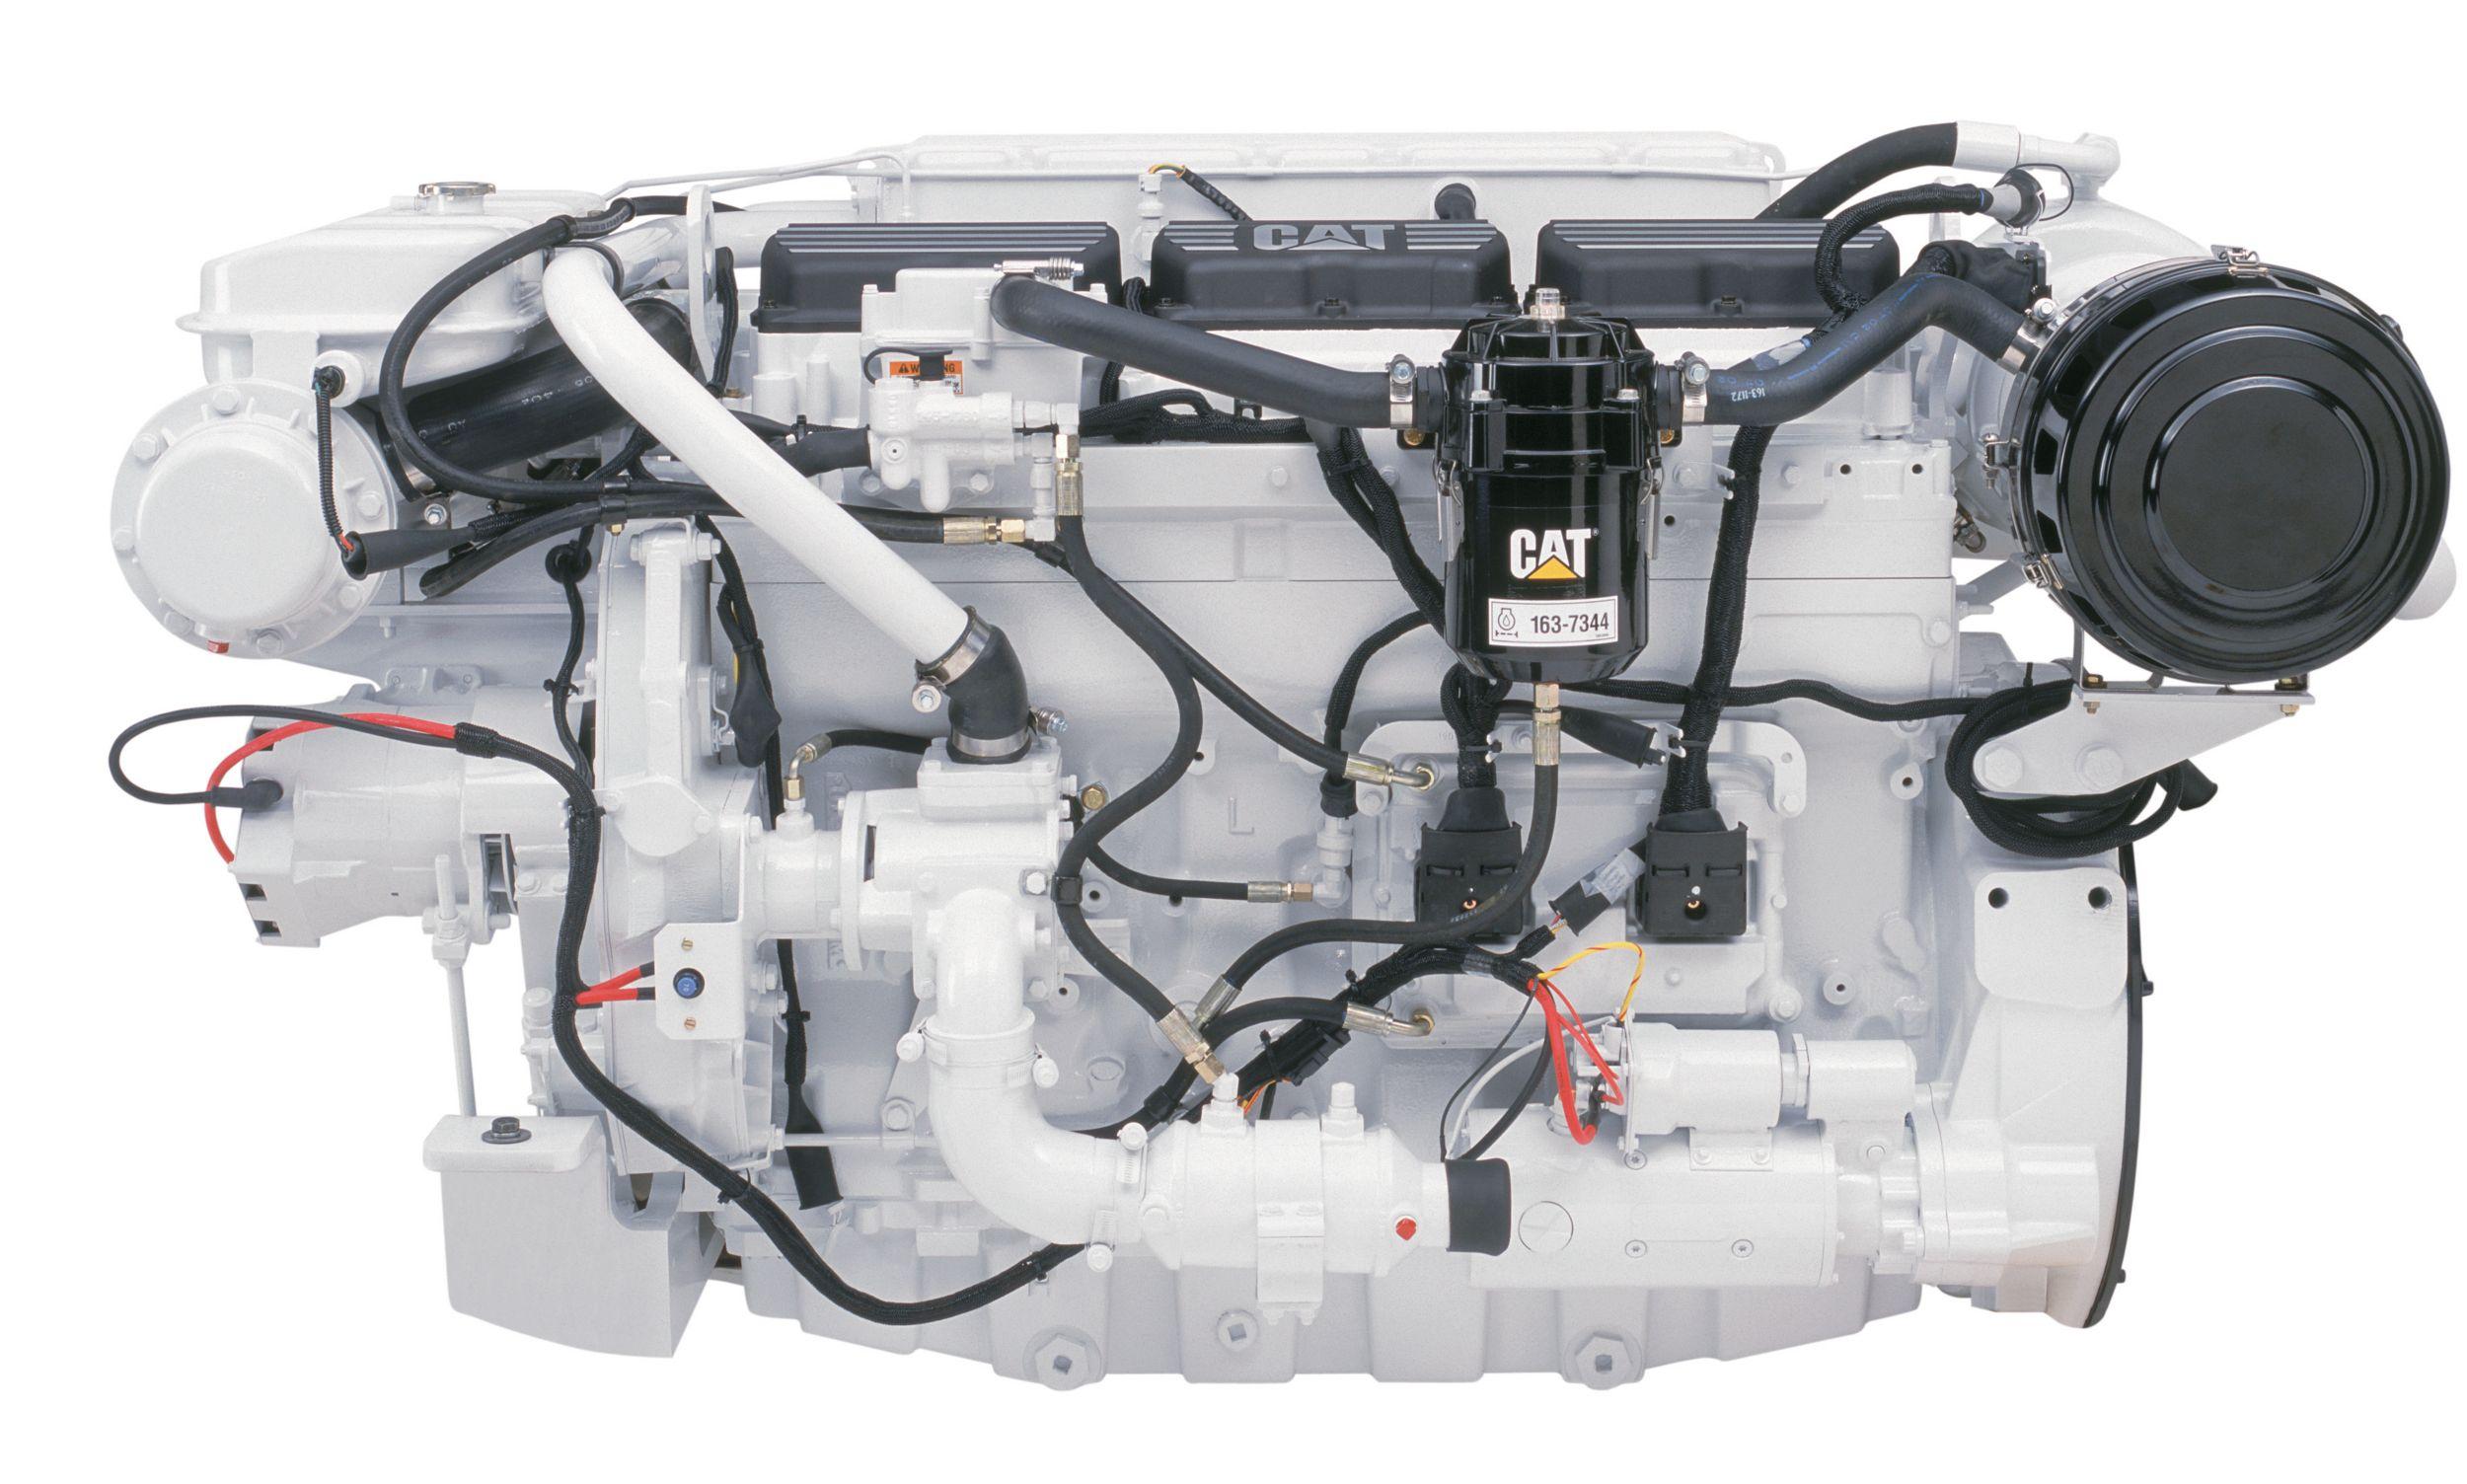 caterpillar c12 engine diagram